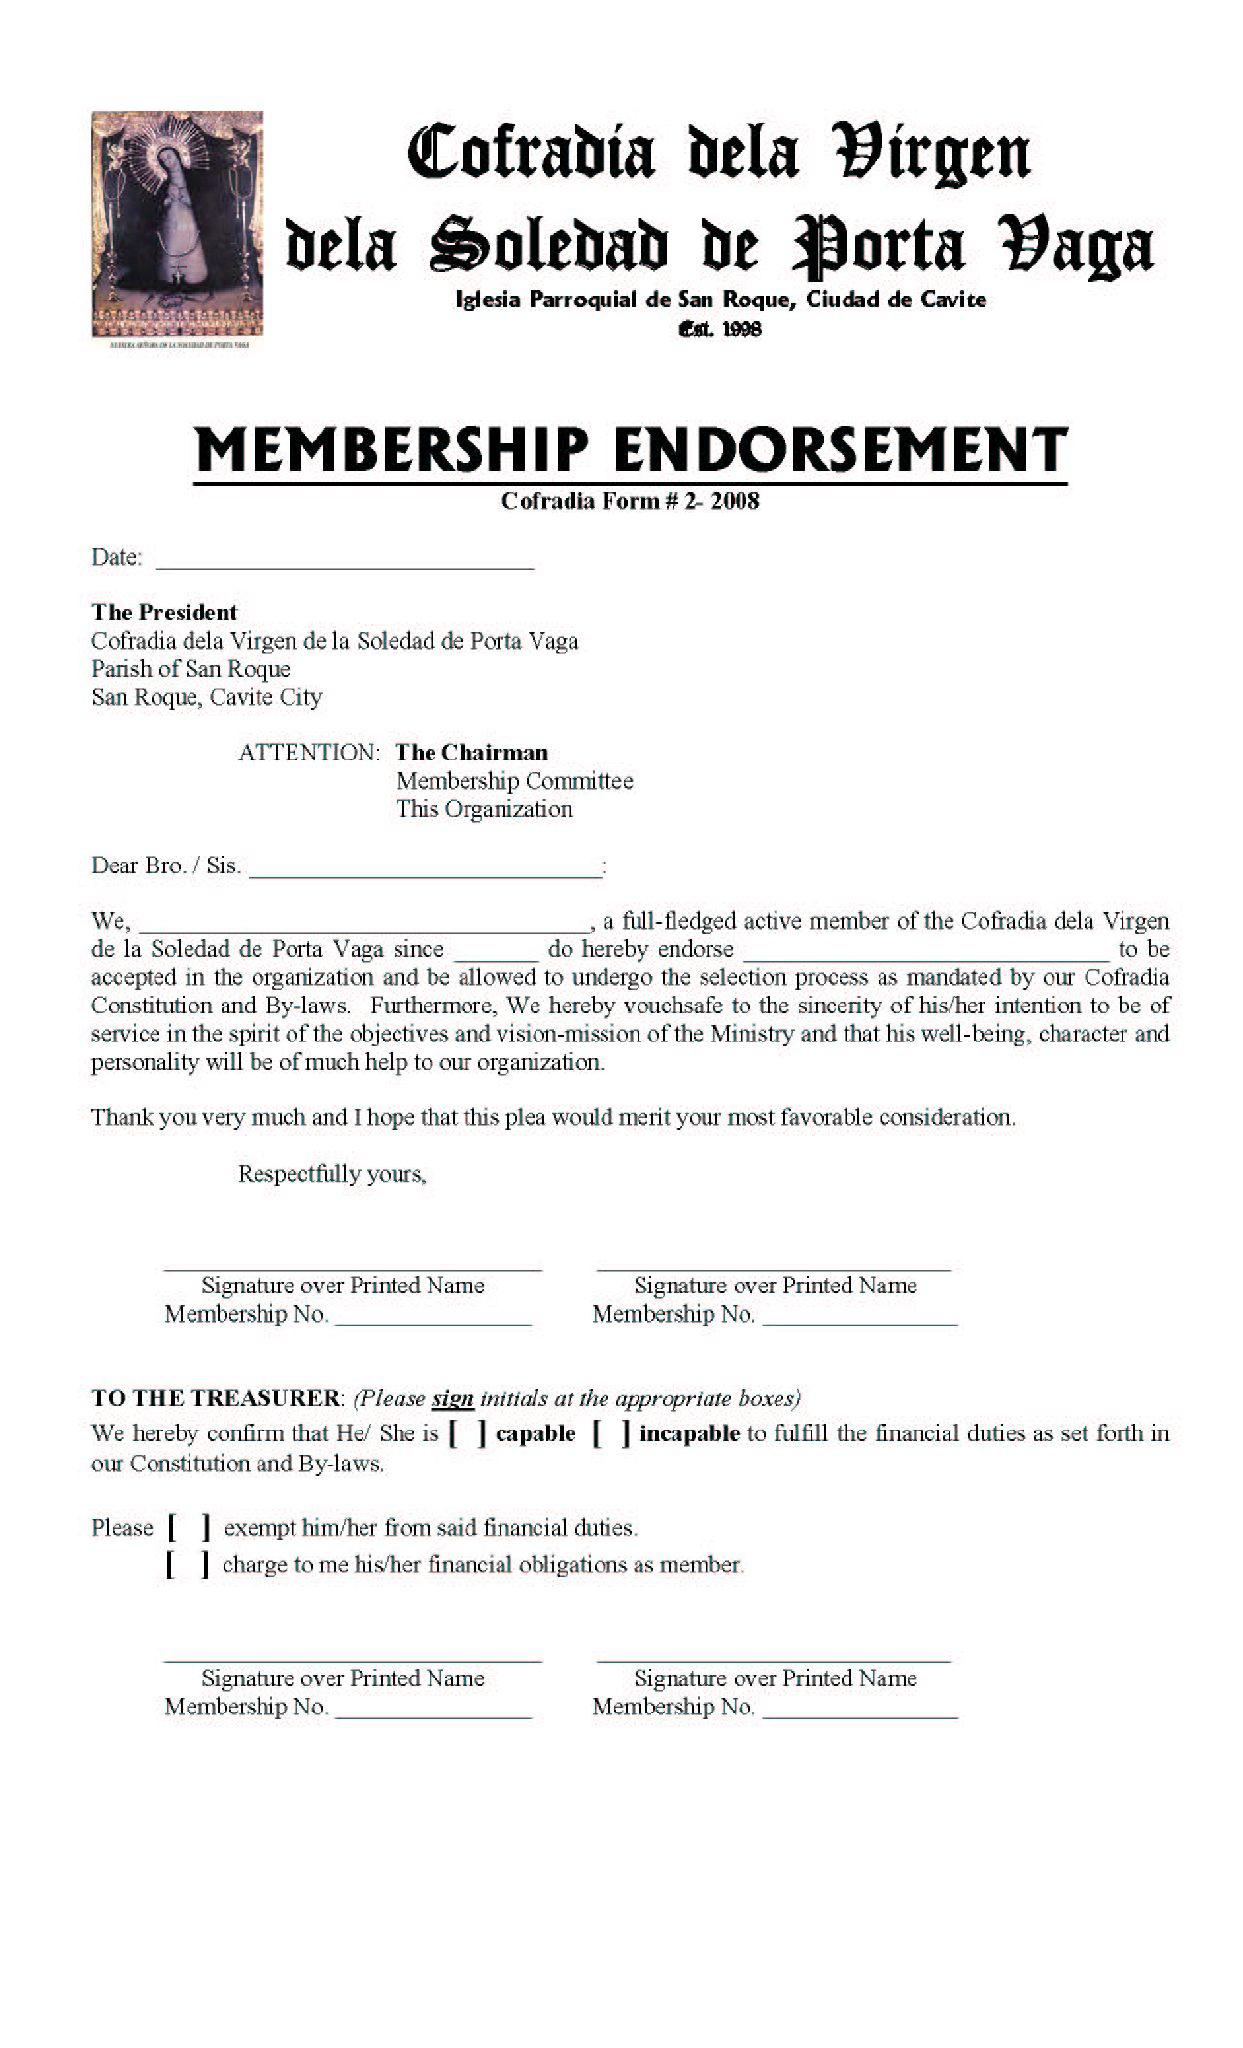 membershipENDROSEMENT-SOLEDAD